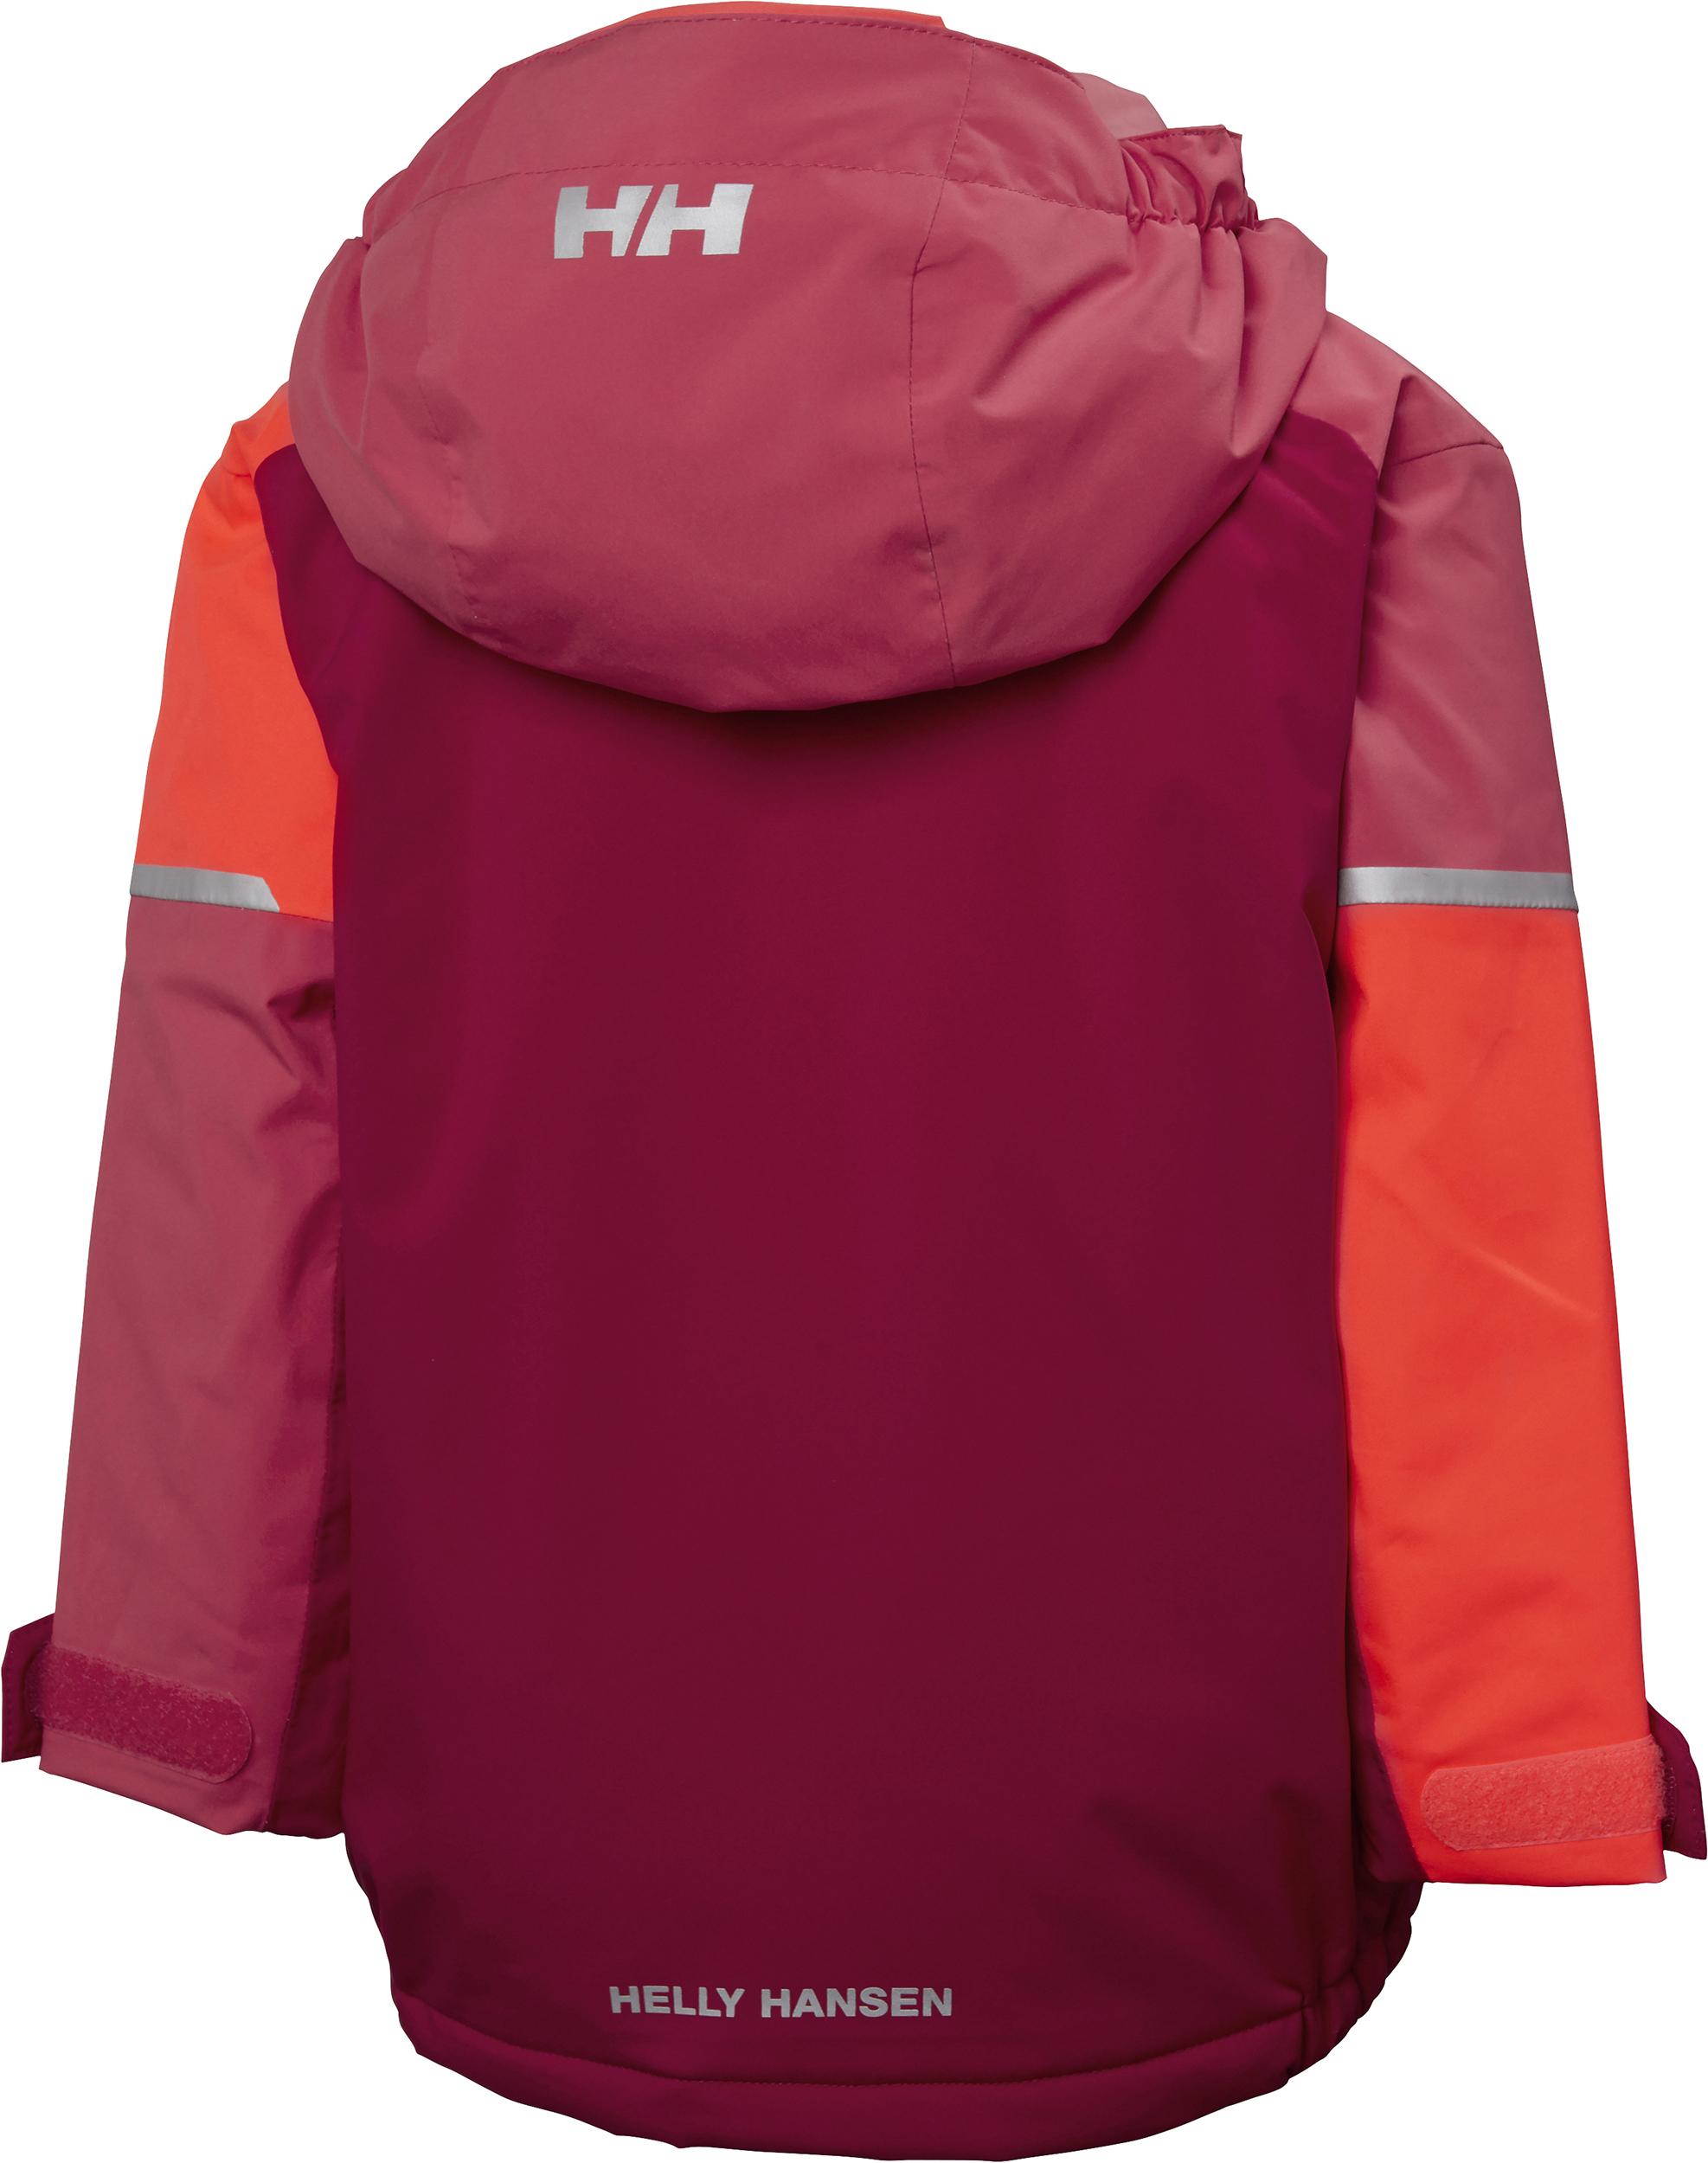 5e73bc673 Helly Hansen Rider Insulated Jacket - Children